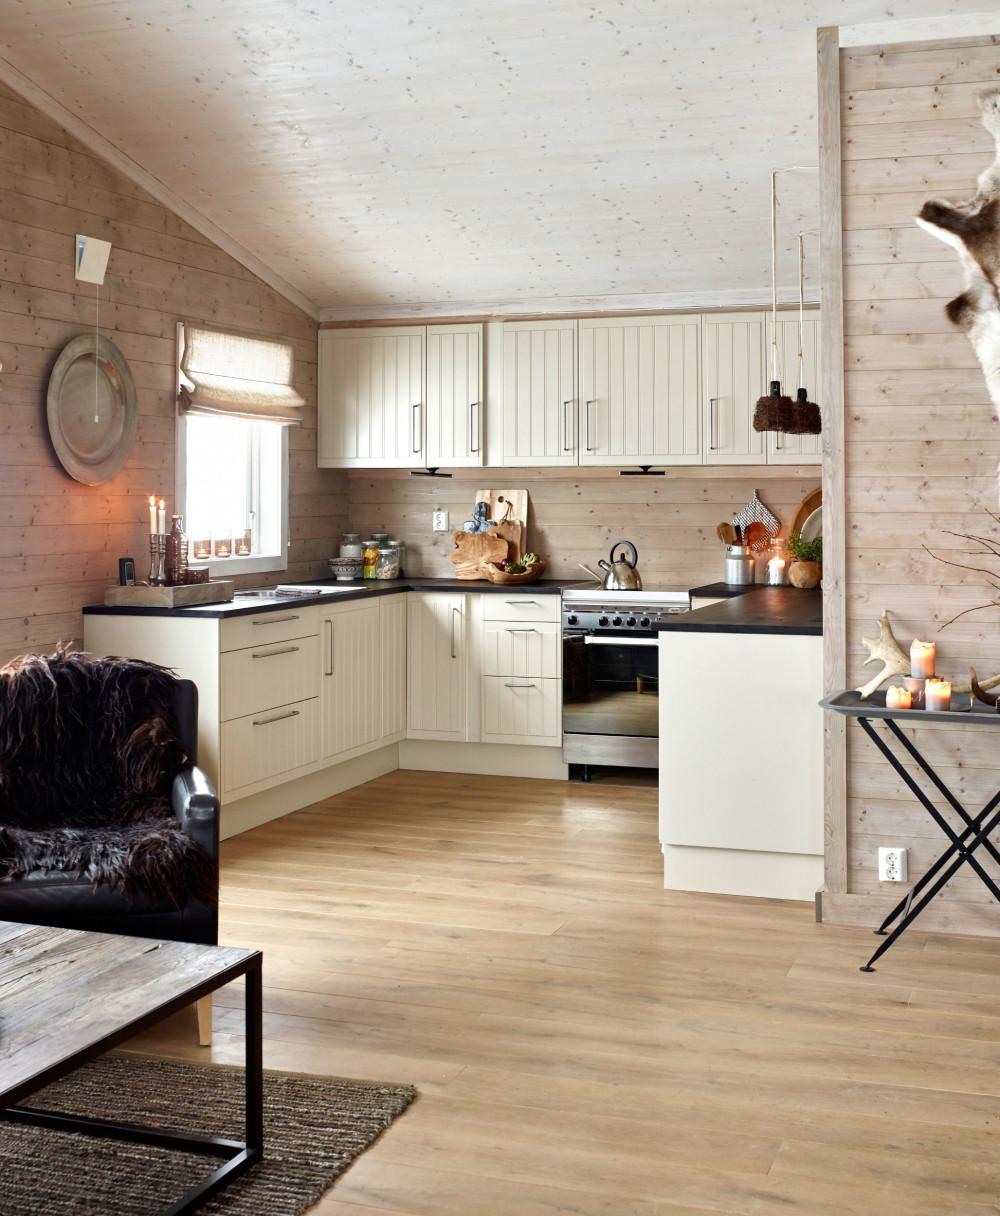 kjøkken-hytte-happyhomes